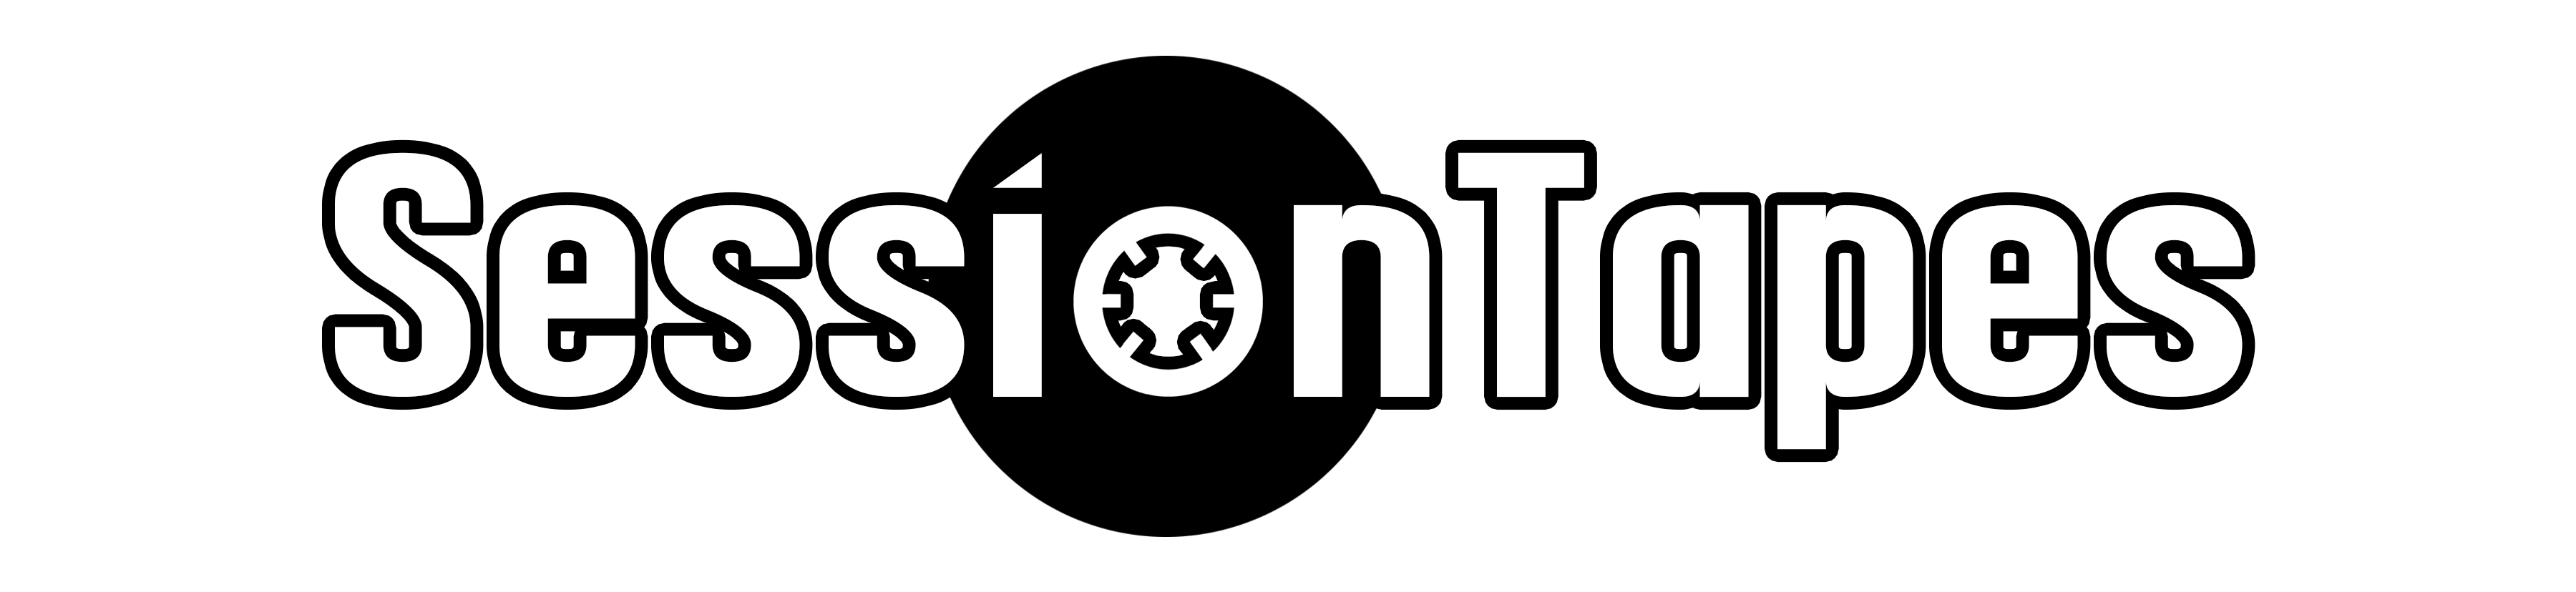 Sessiontapes.com